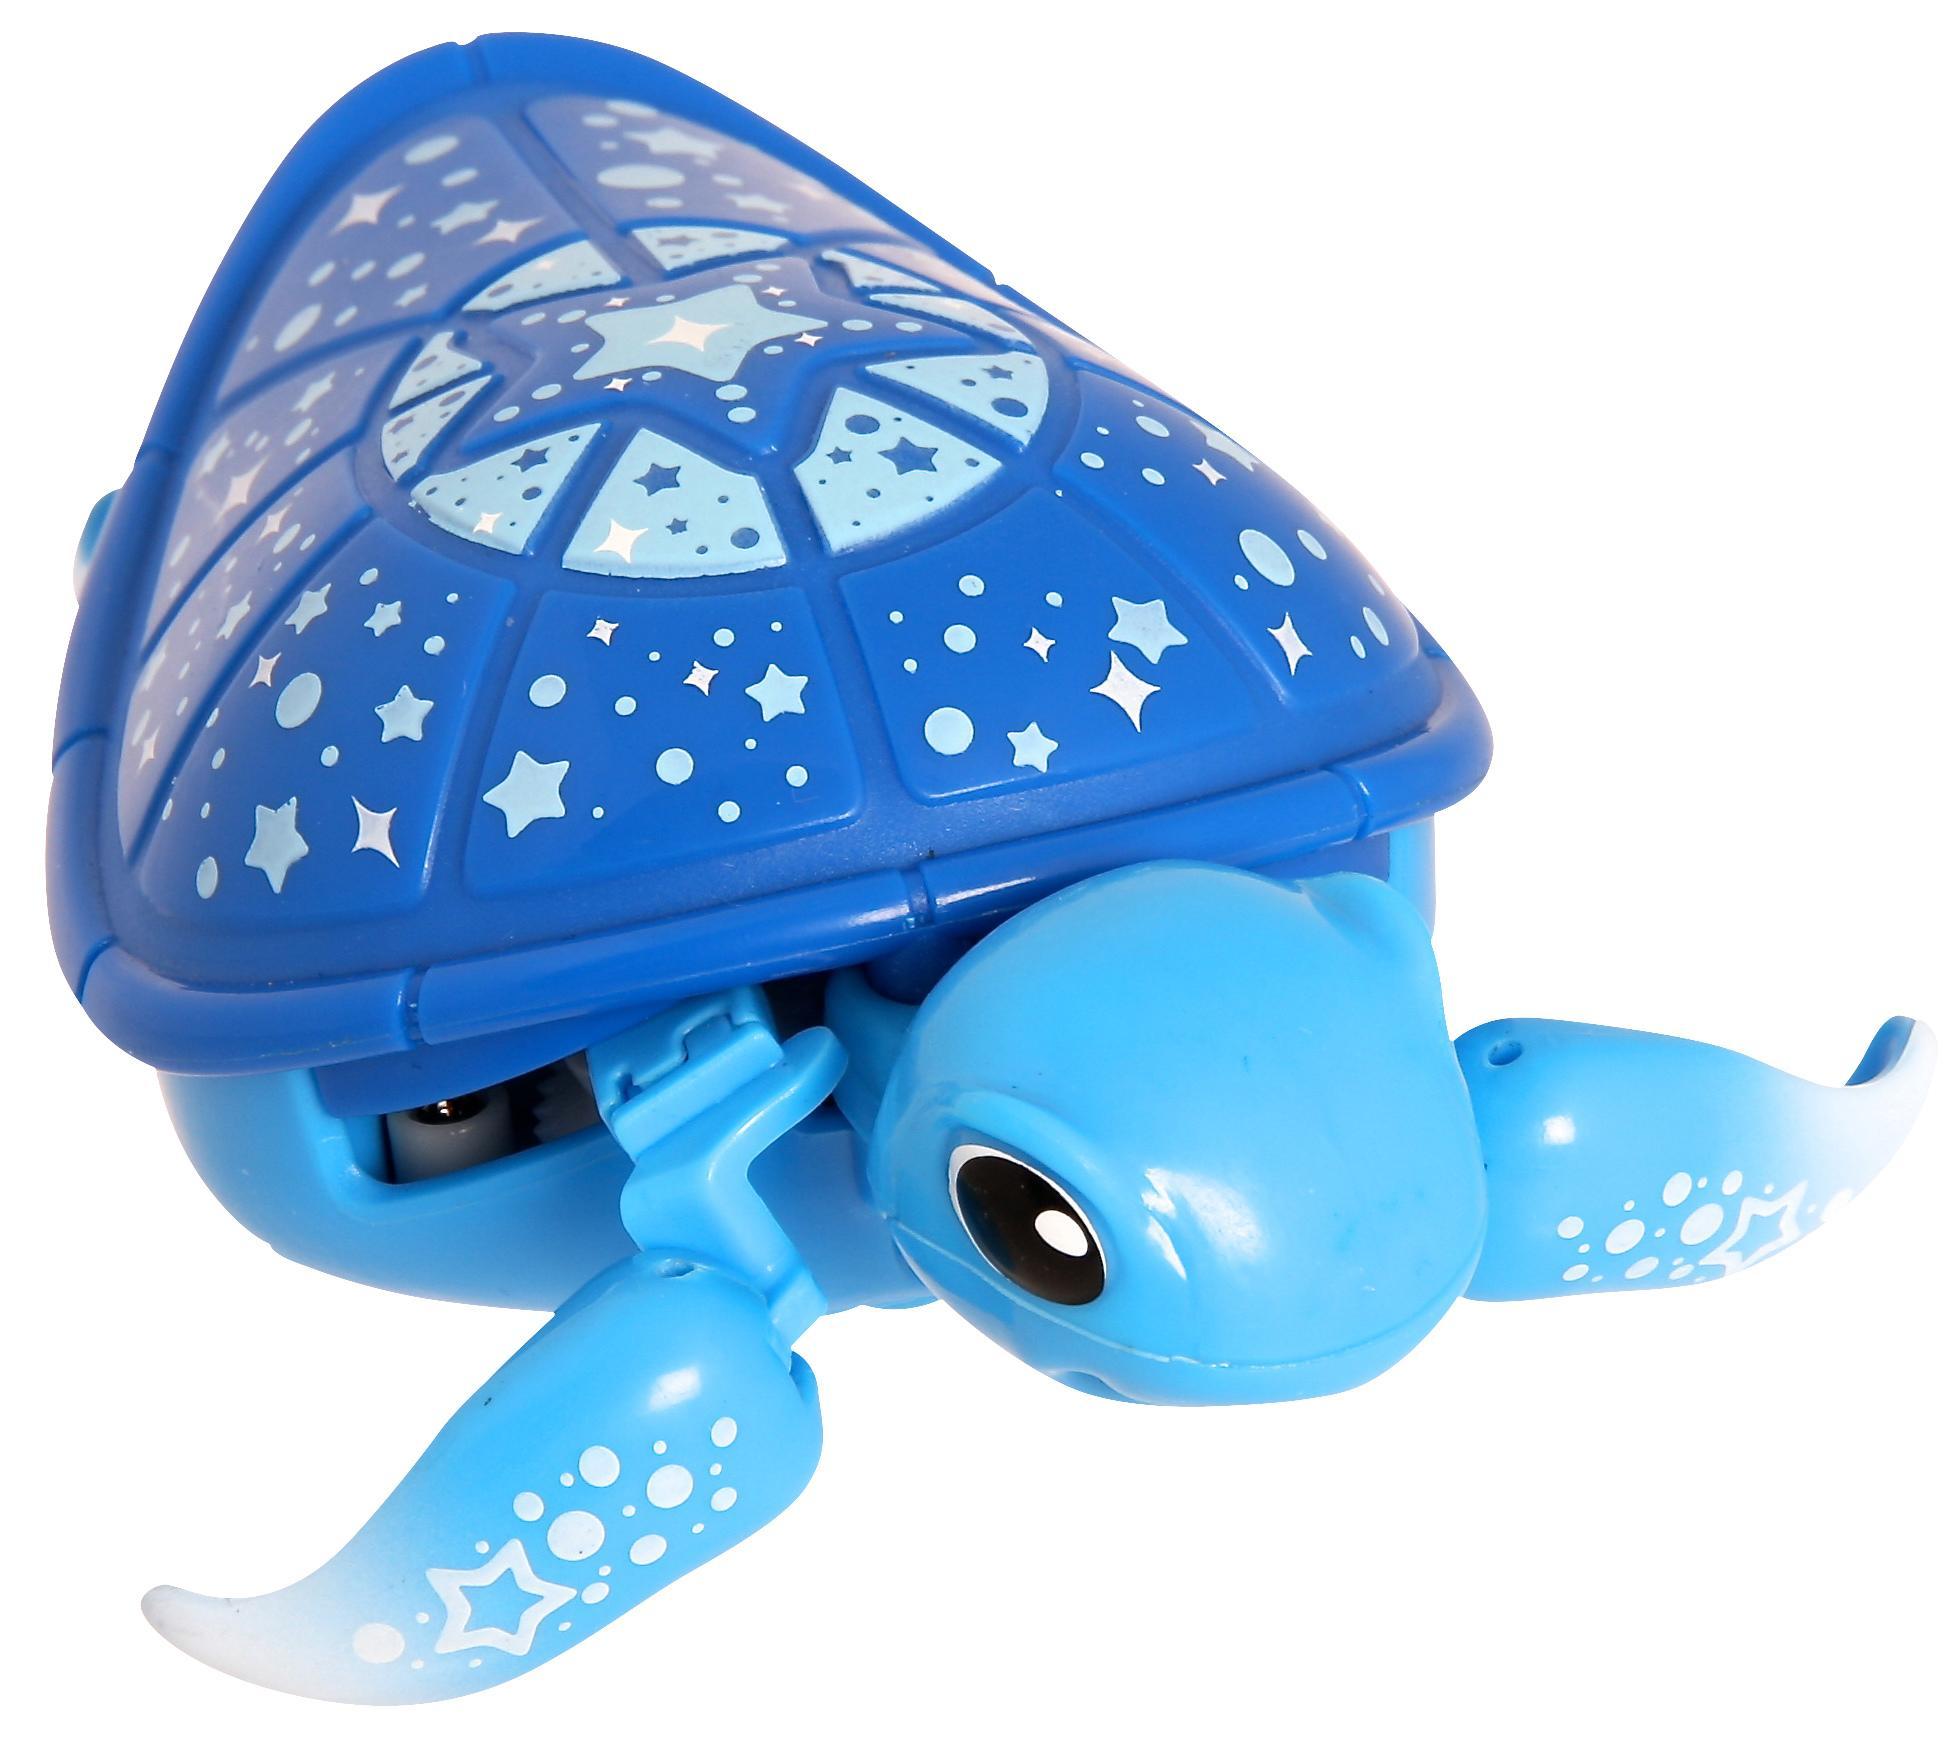 Amazon.com: Little Live Pets Lil Turtle Tank: Toys & Games